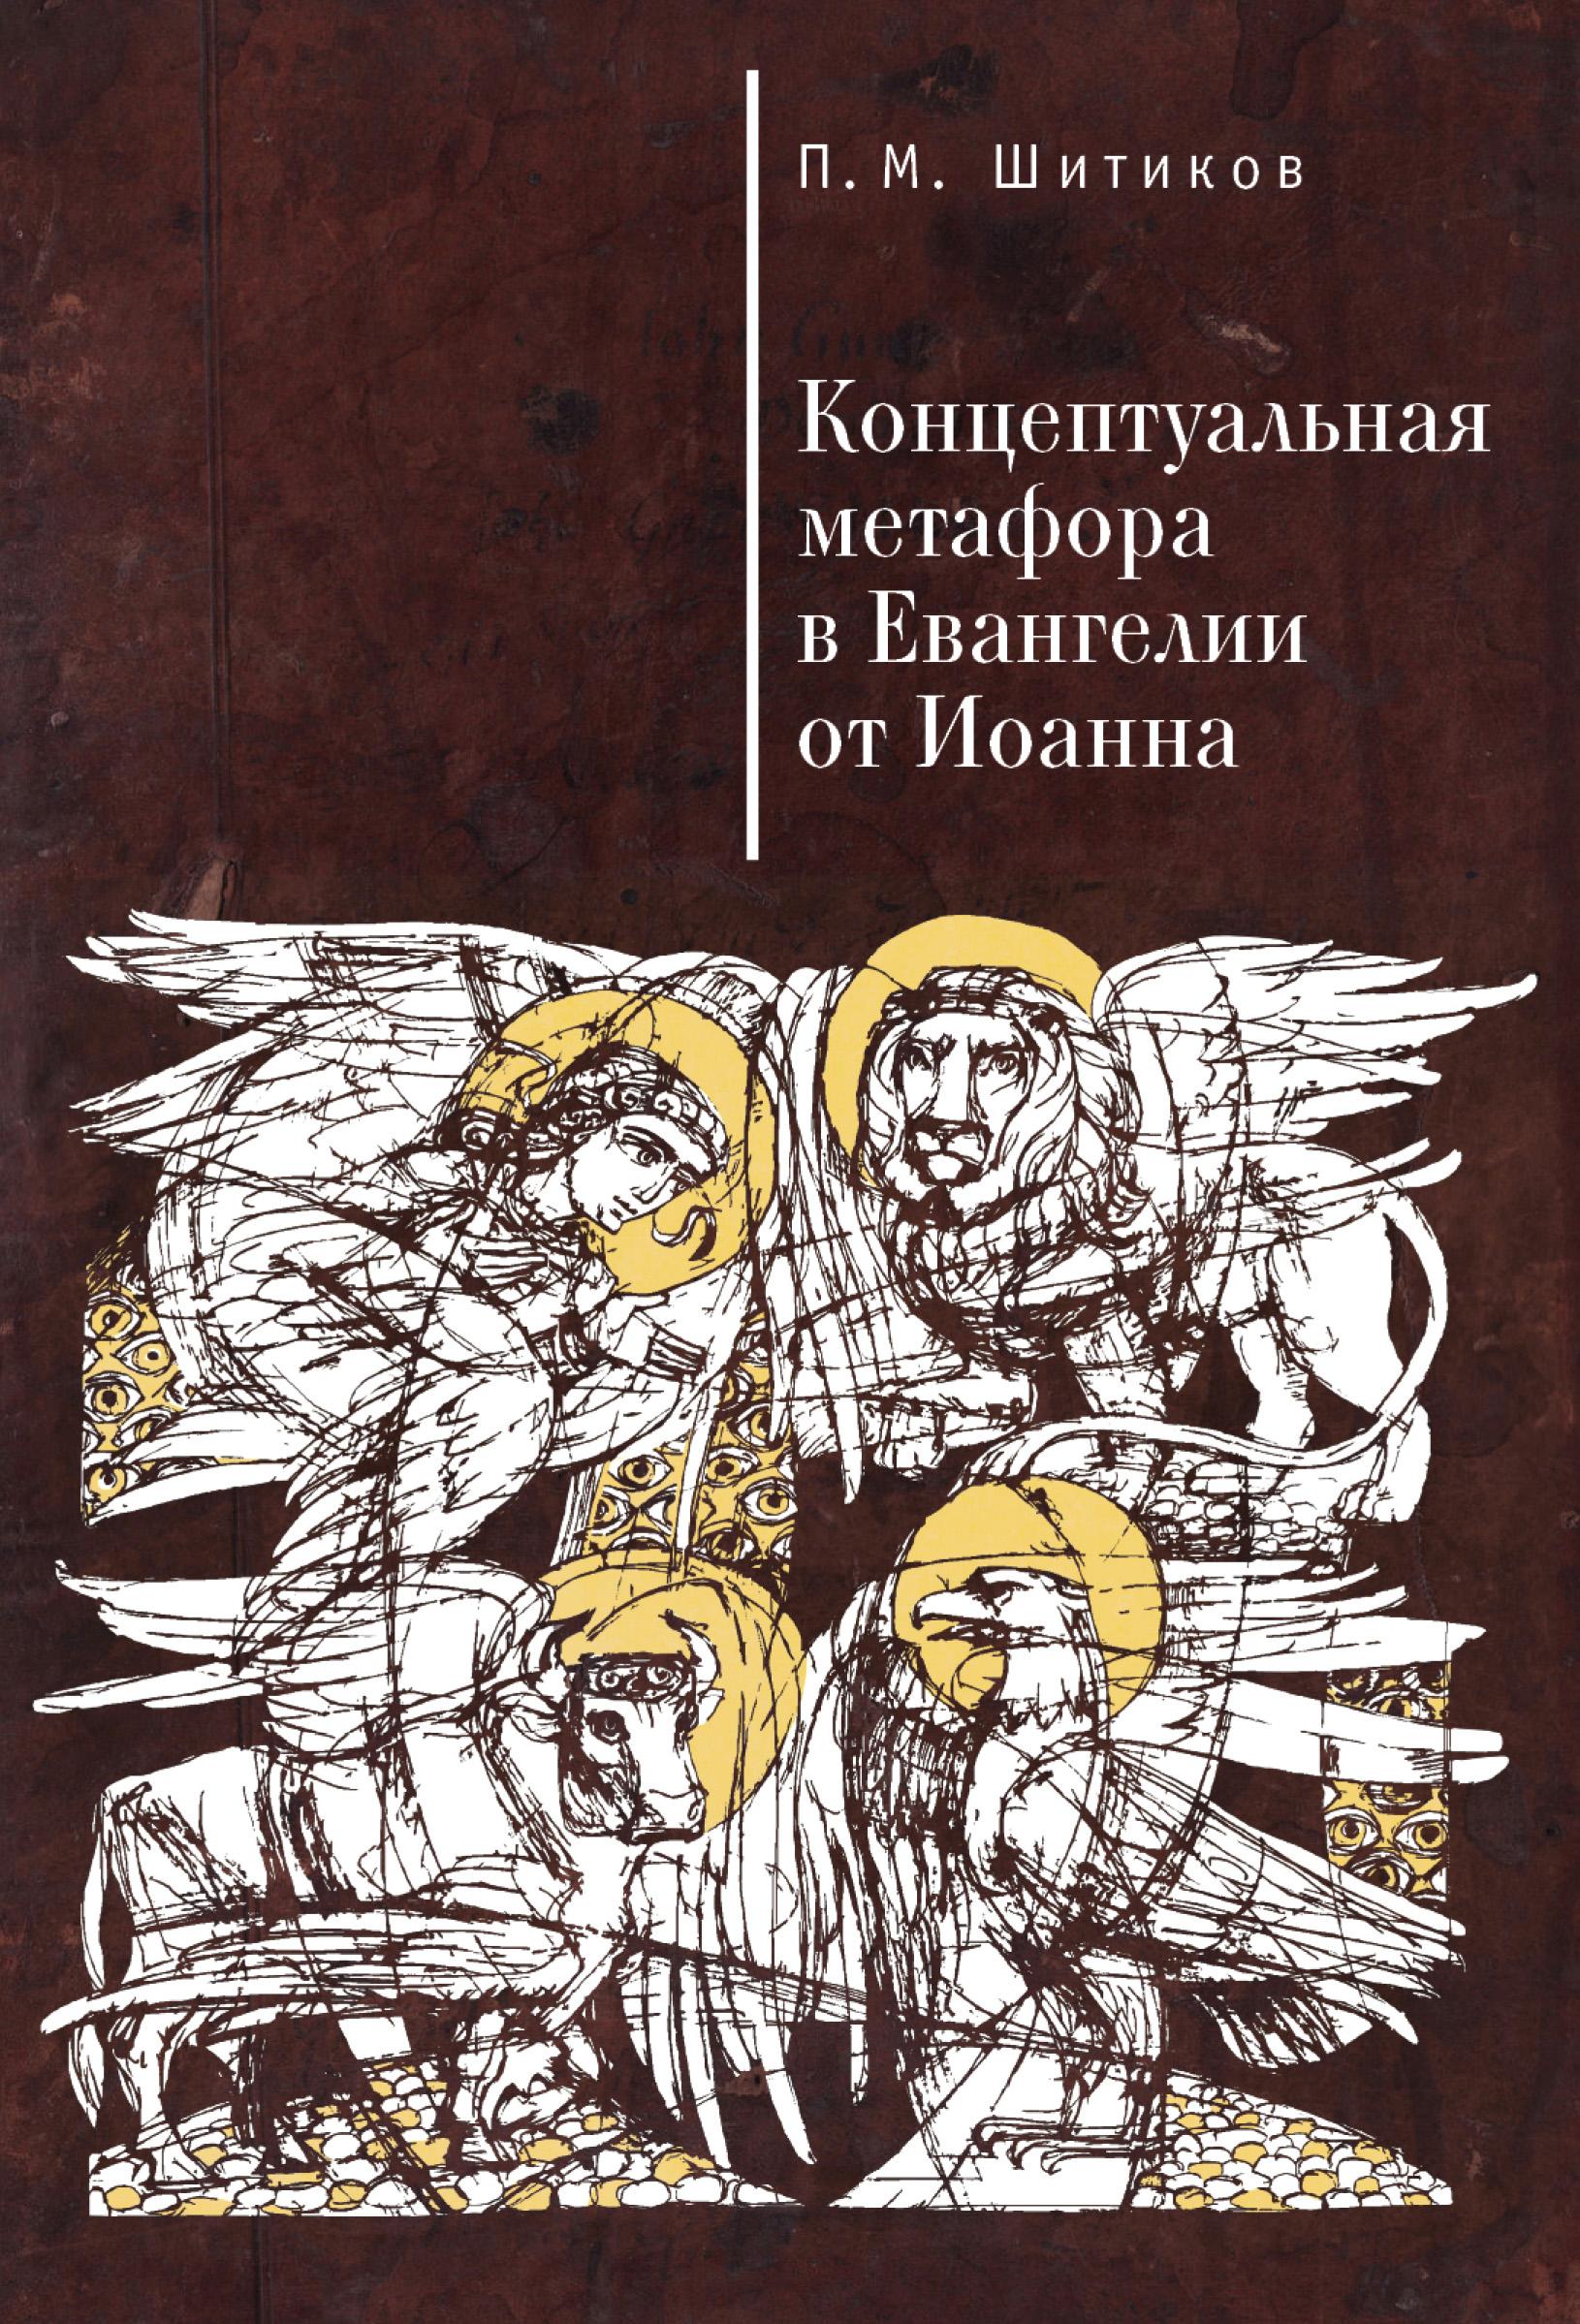 Петр Шитиков Концептуальная метафора в Евангелии от Иоанна